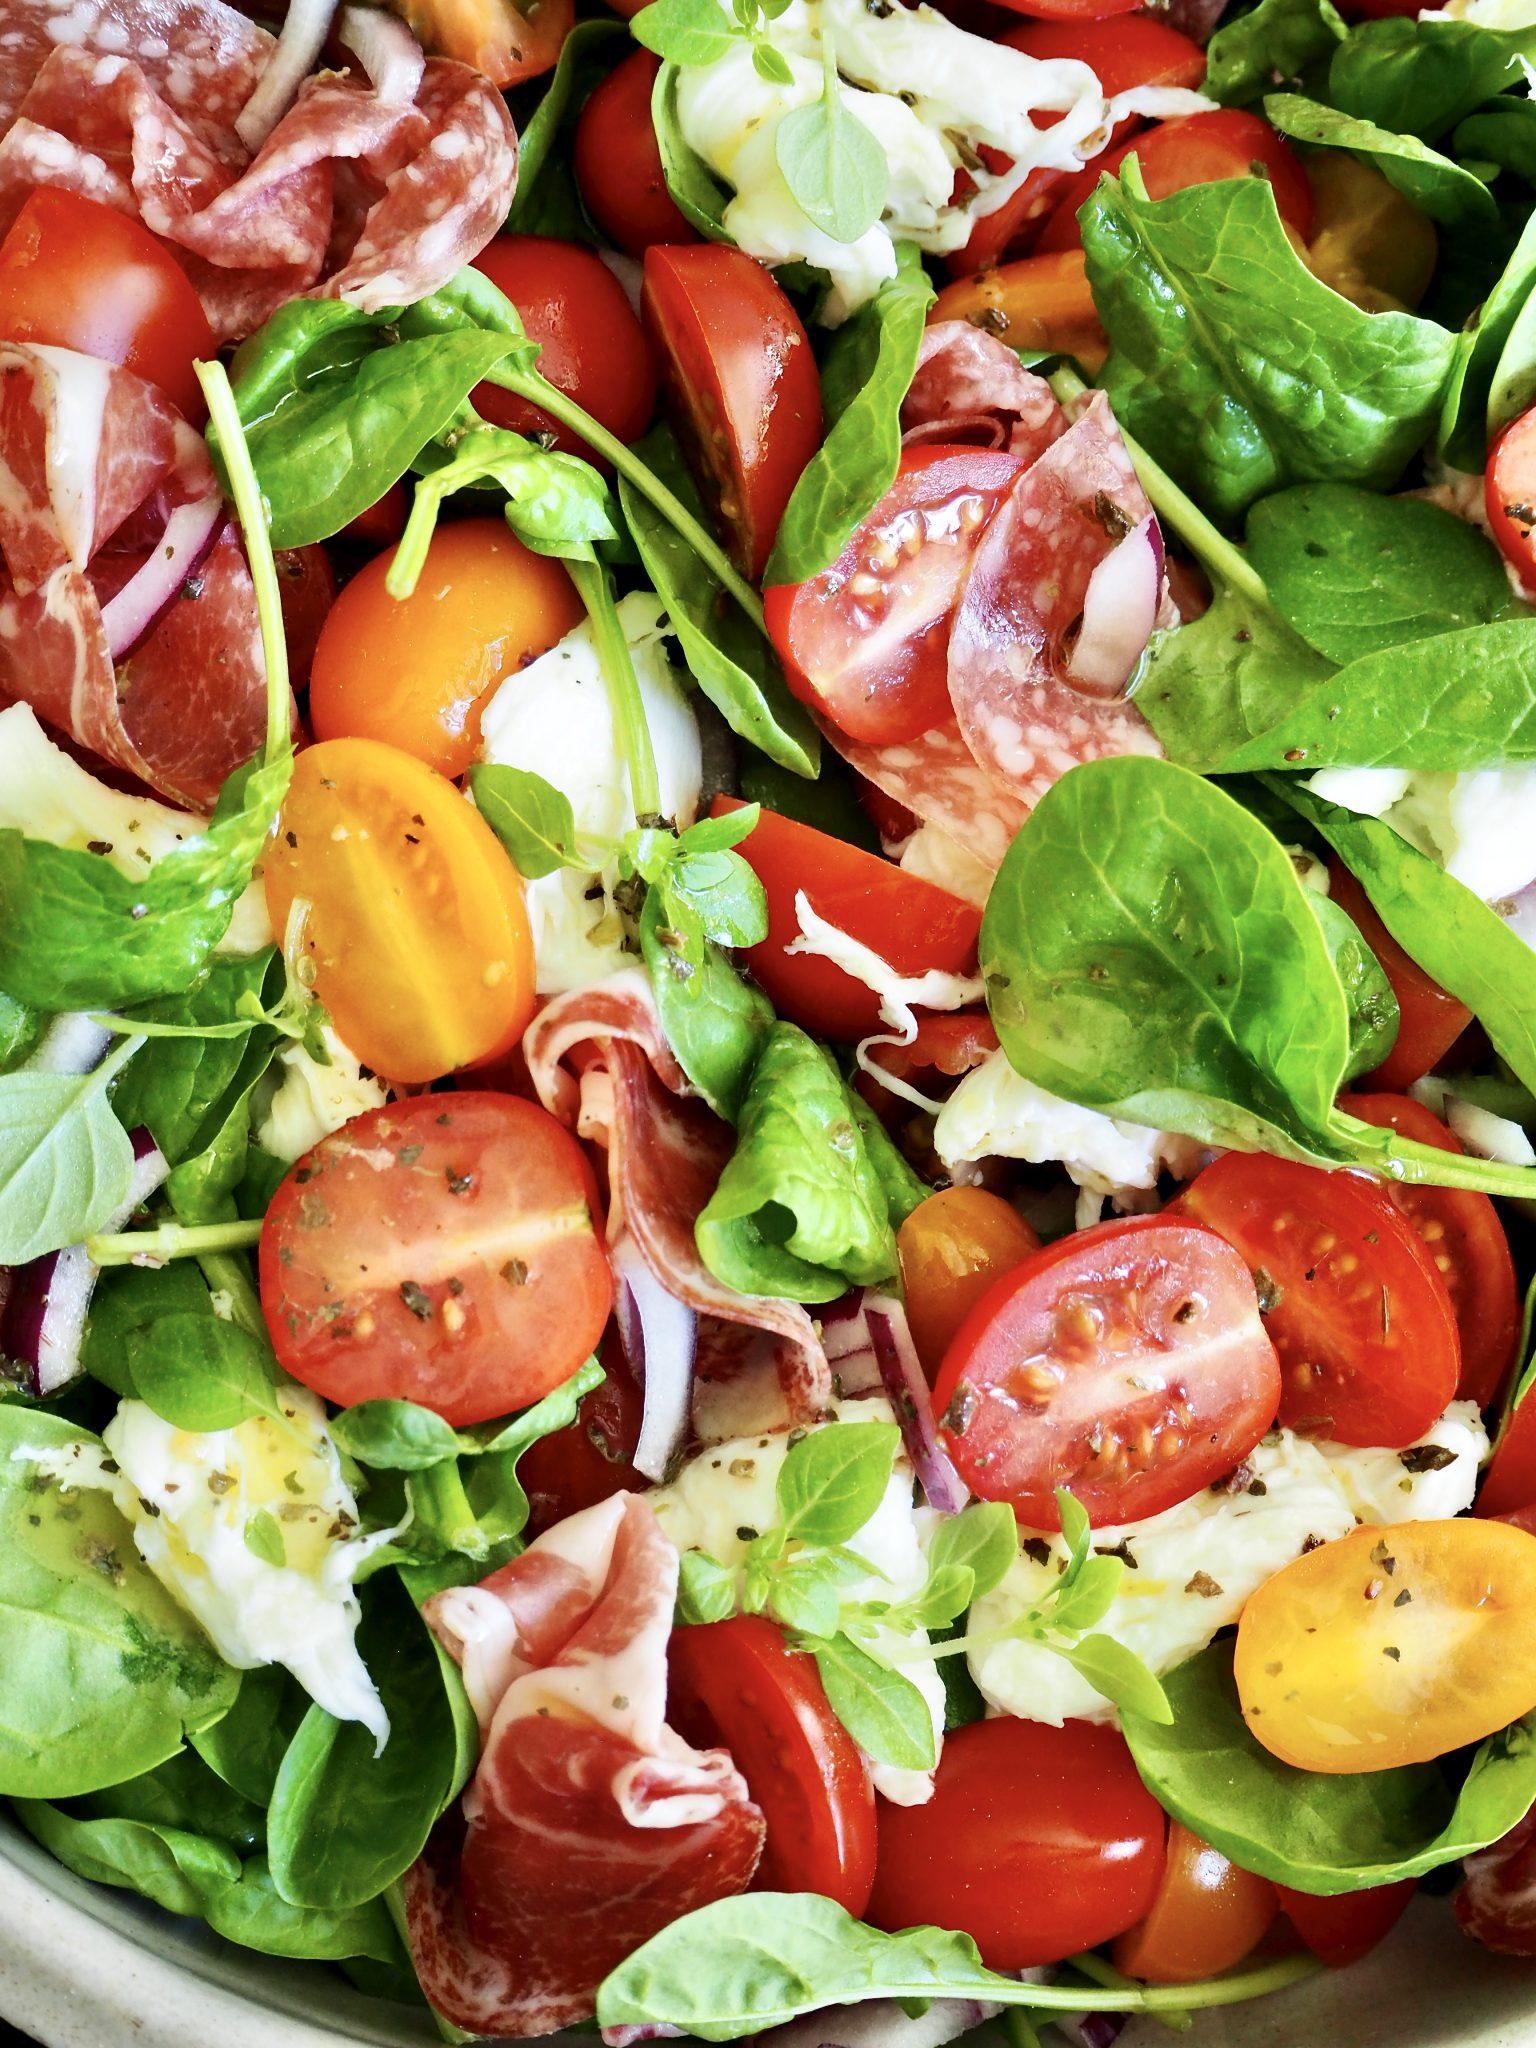 Spinatsalat med tomater, mozzarella og spekeskinker